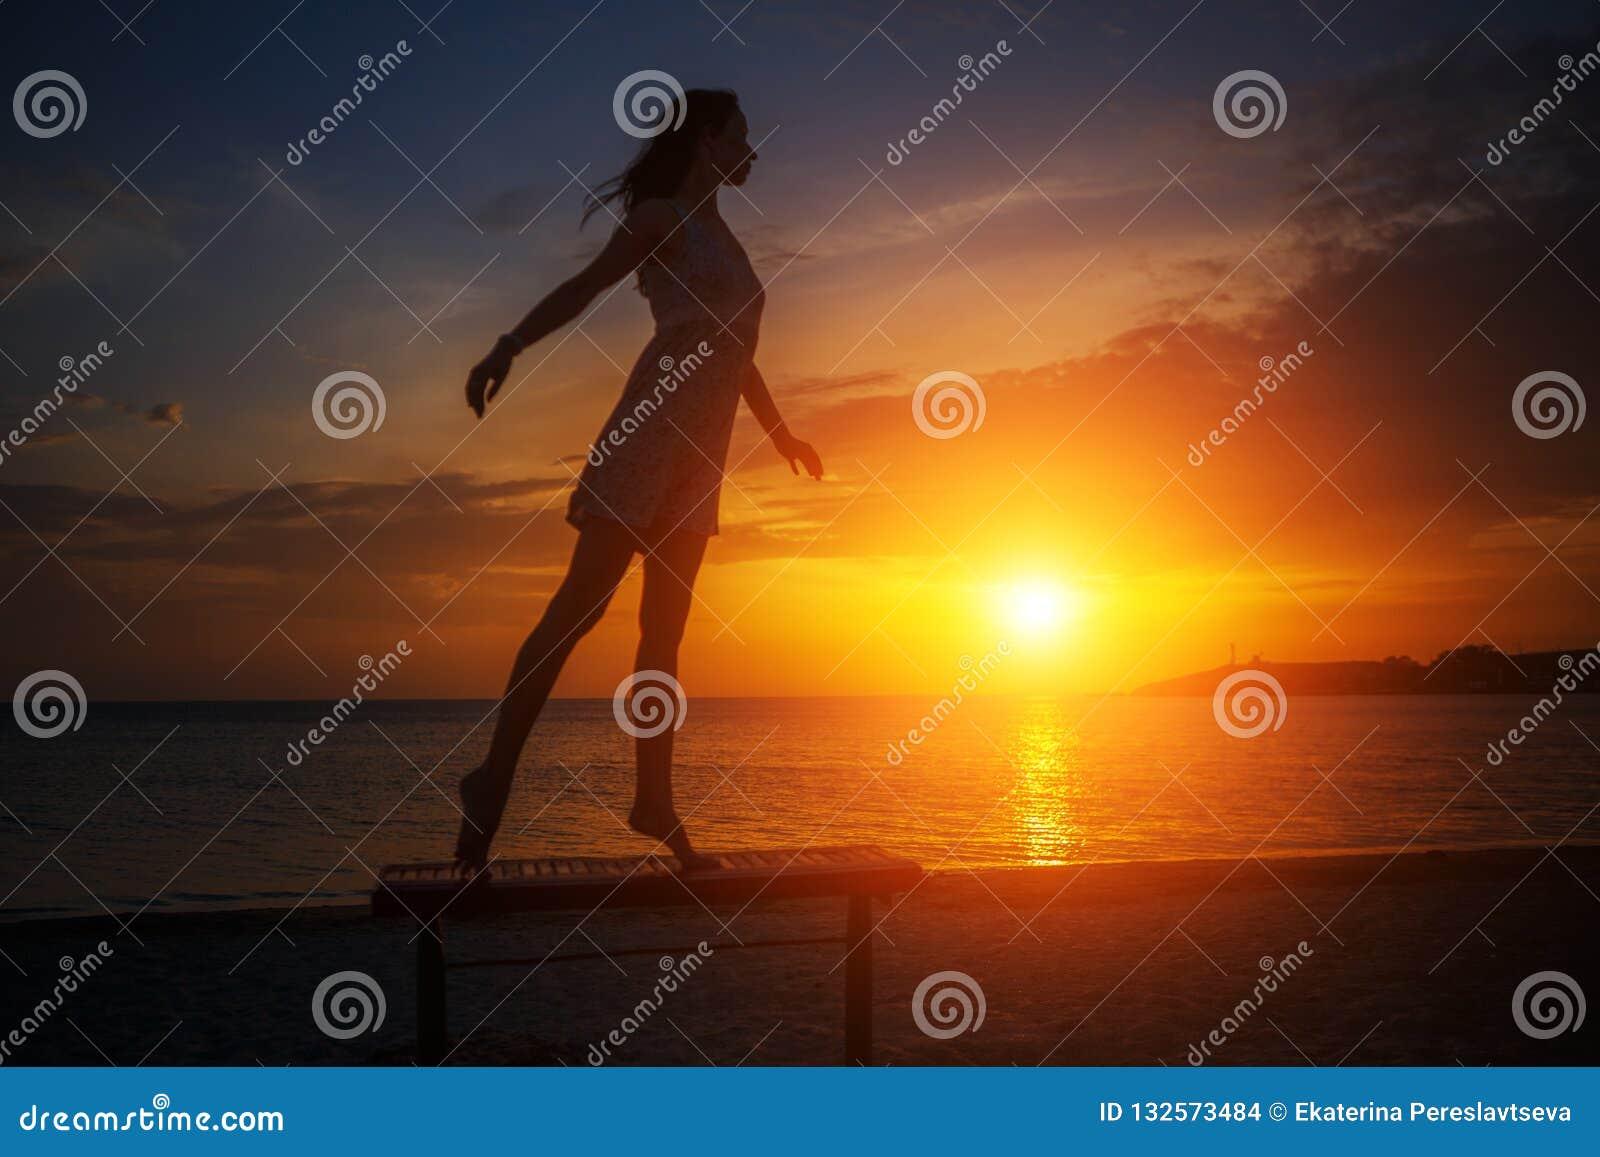 Красивое молодое худенькое положение женщины на пляже на заходе солнца, красивом силуэте против неба